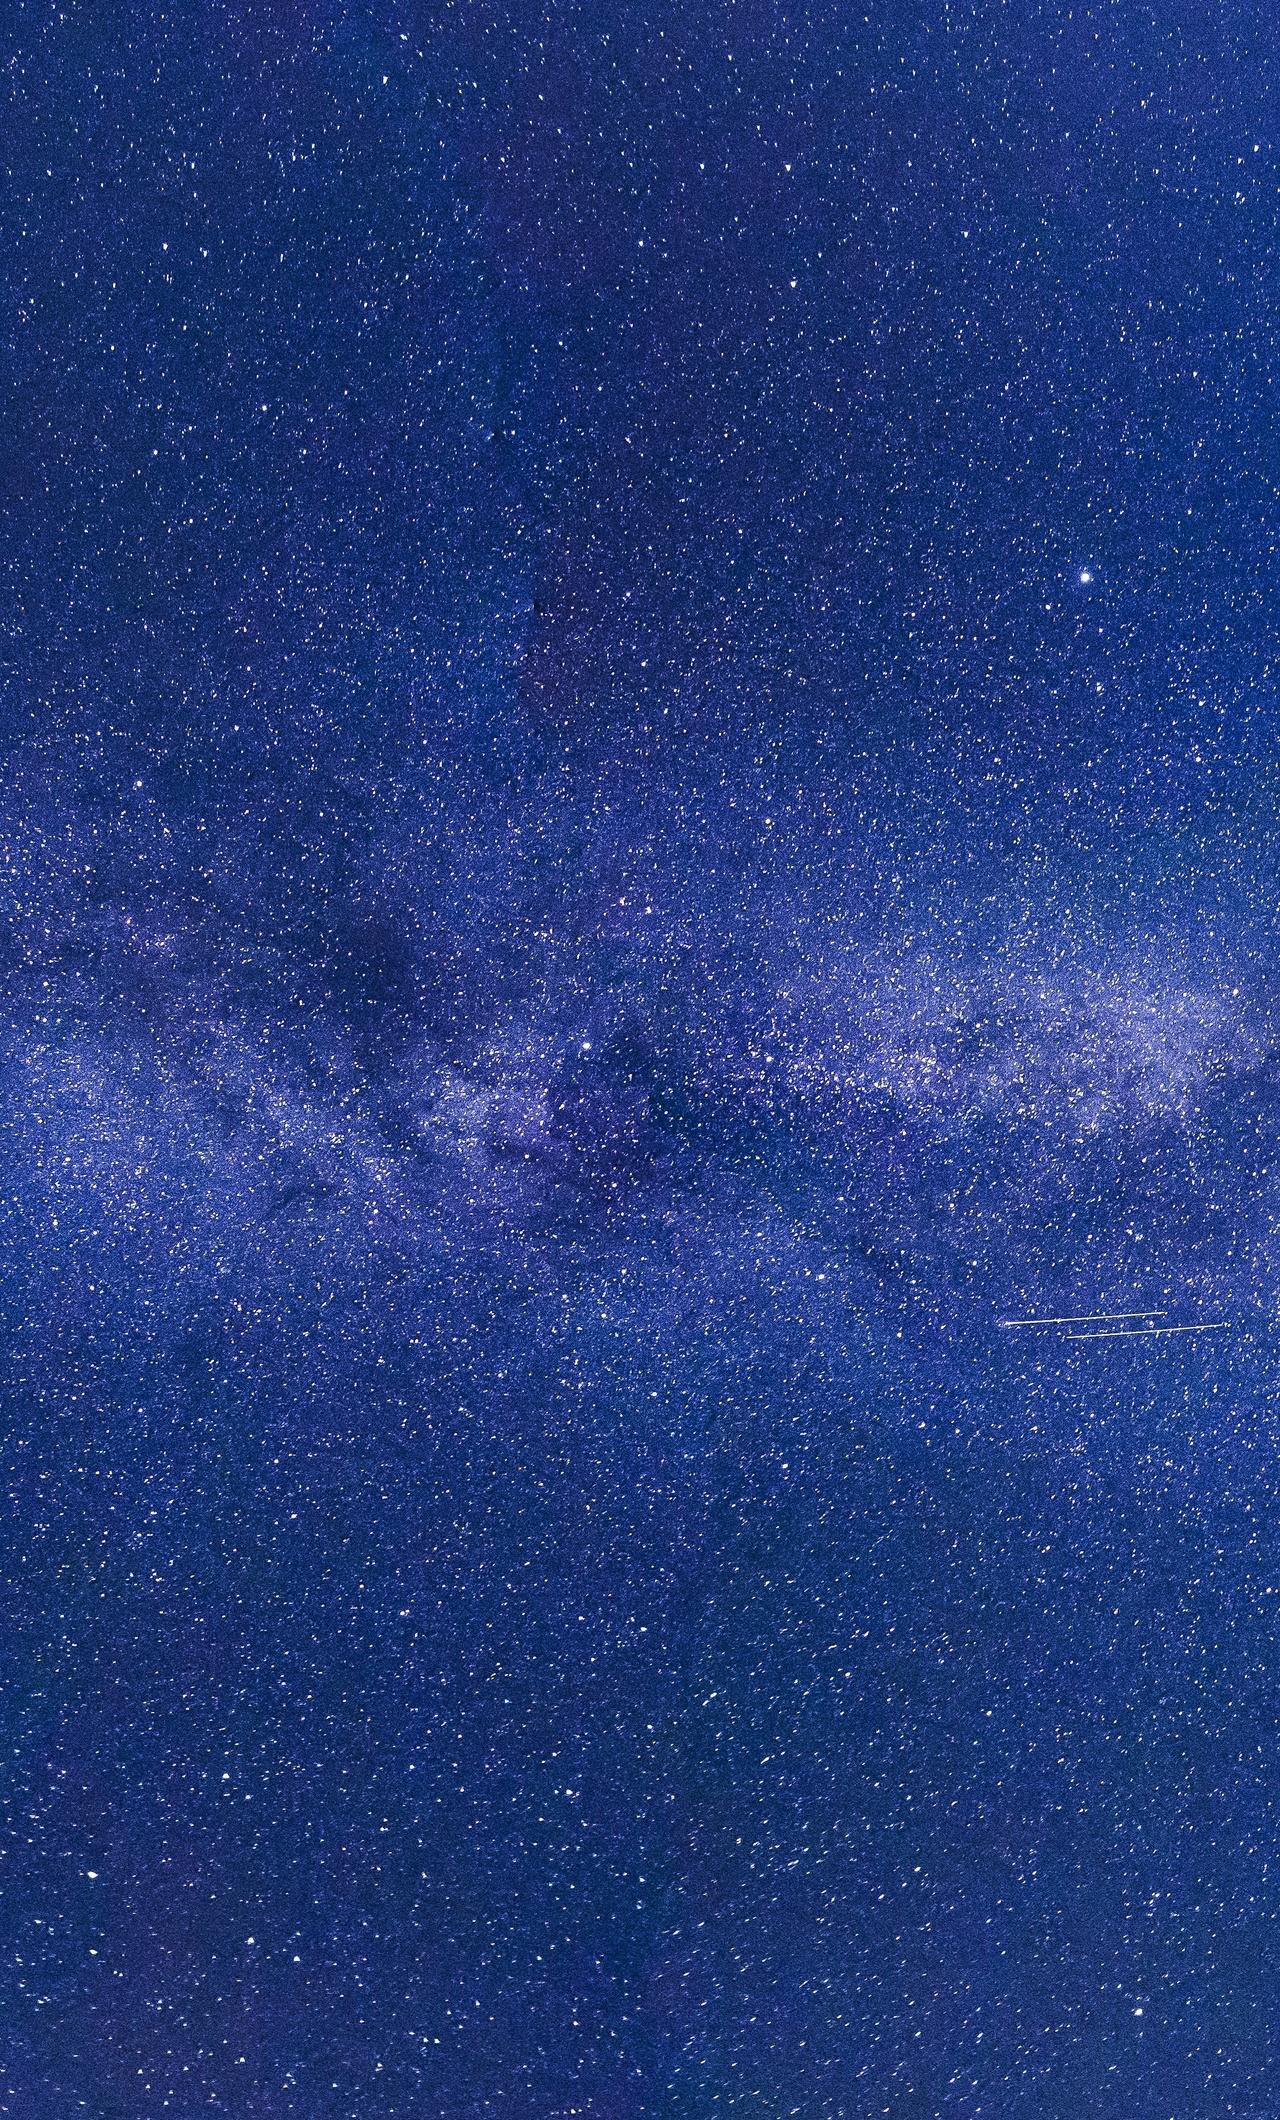 galaxy-8k-j6.jpg